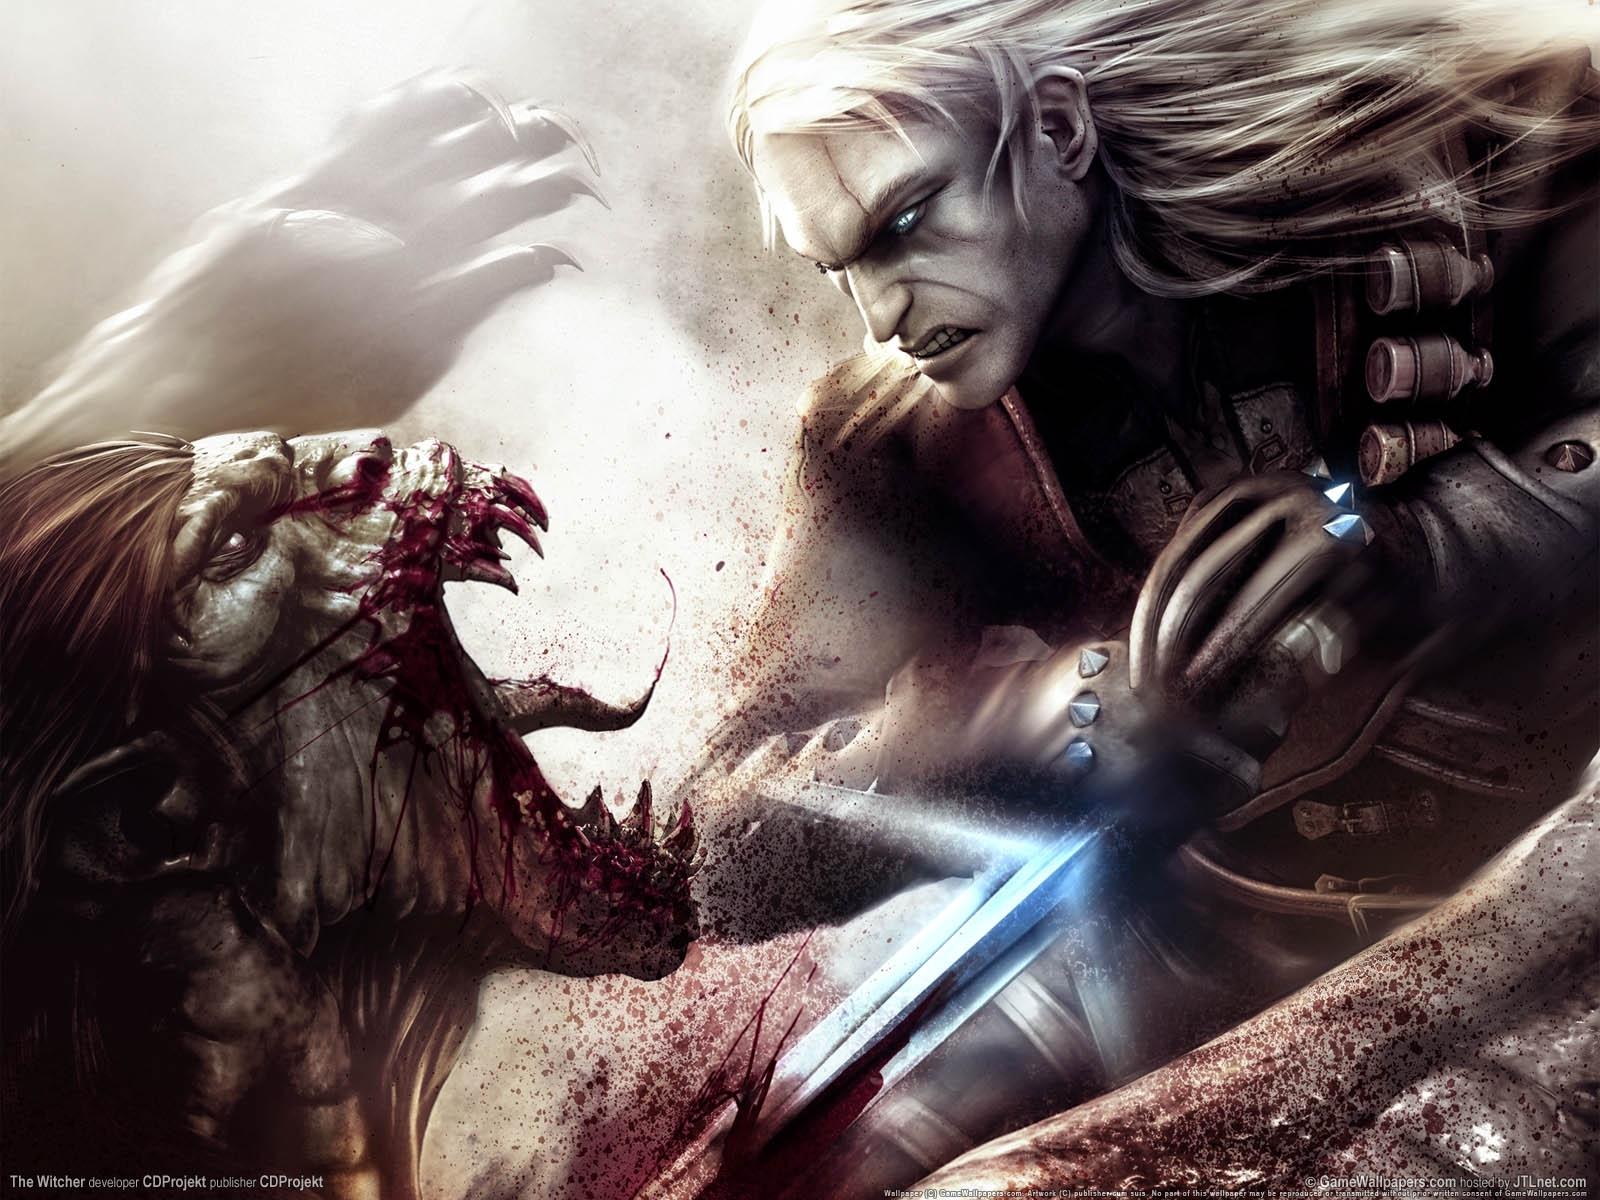 388 Hintergrundbild herunterladen Spiele, Kunst, Witcher - Bildschirmschoner und Bilder kostenlos